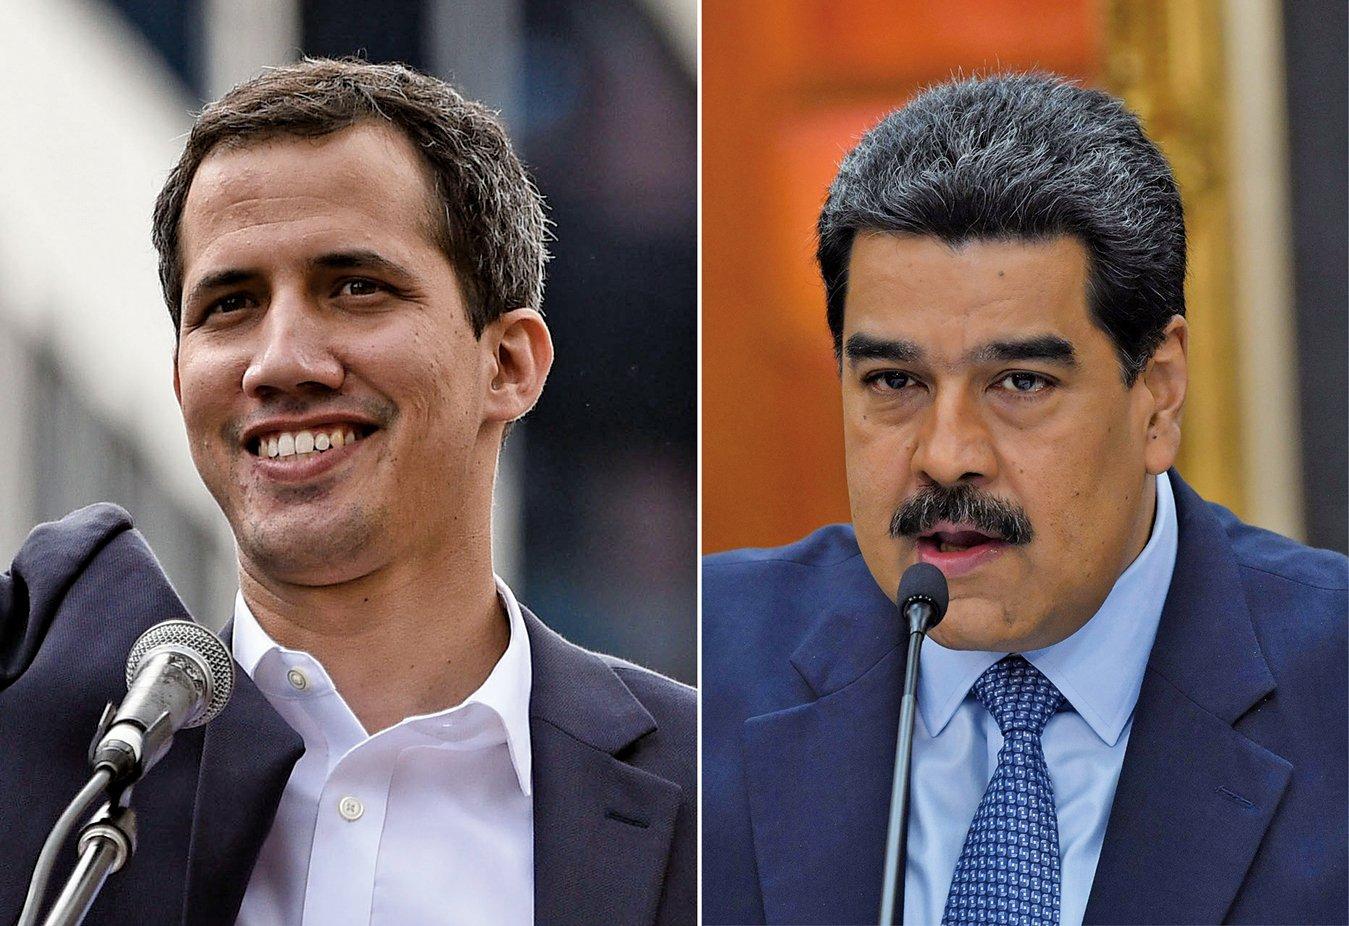 在國際壓力下,委內瑞拉總統馬杜羅(右)的立場出現軟化。臨時總統瓜伊多(左)表示,堅信大家可以擁有一個更好的國家。(AFP)